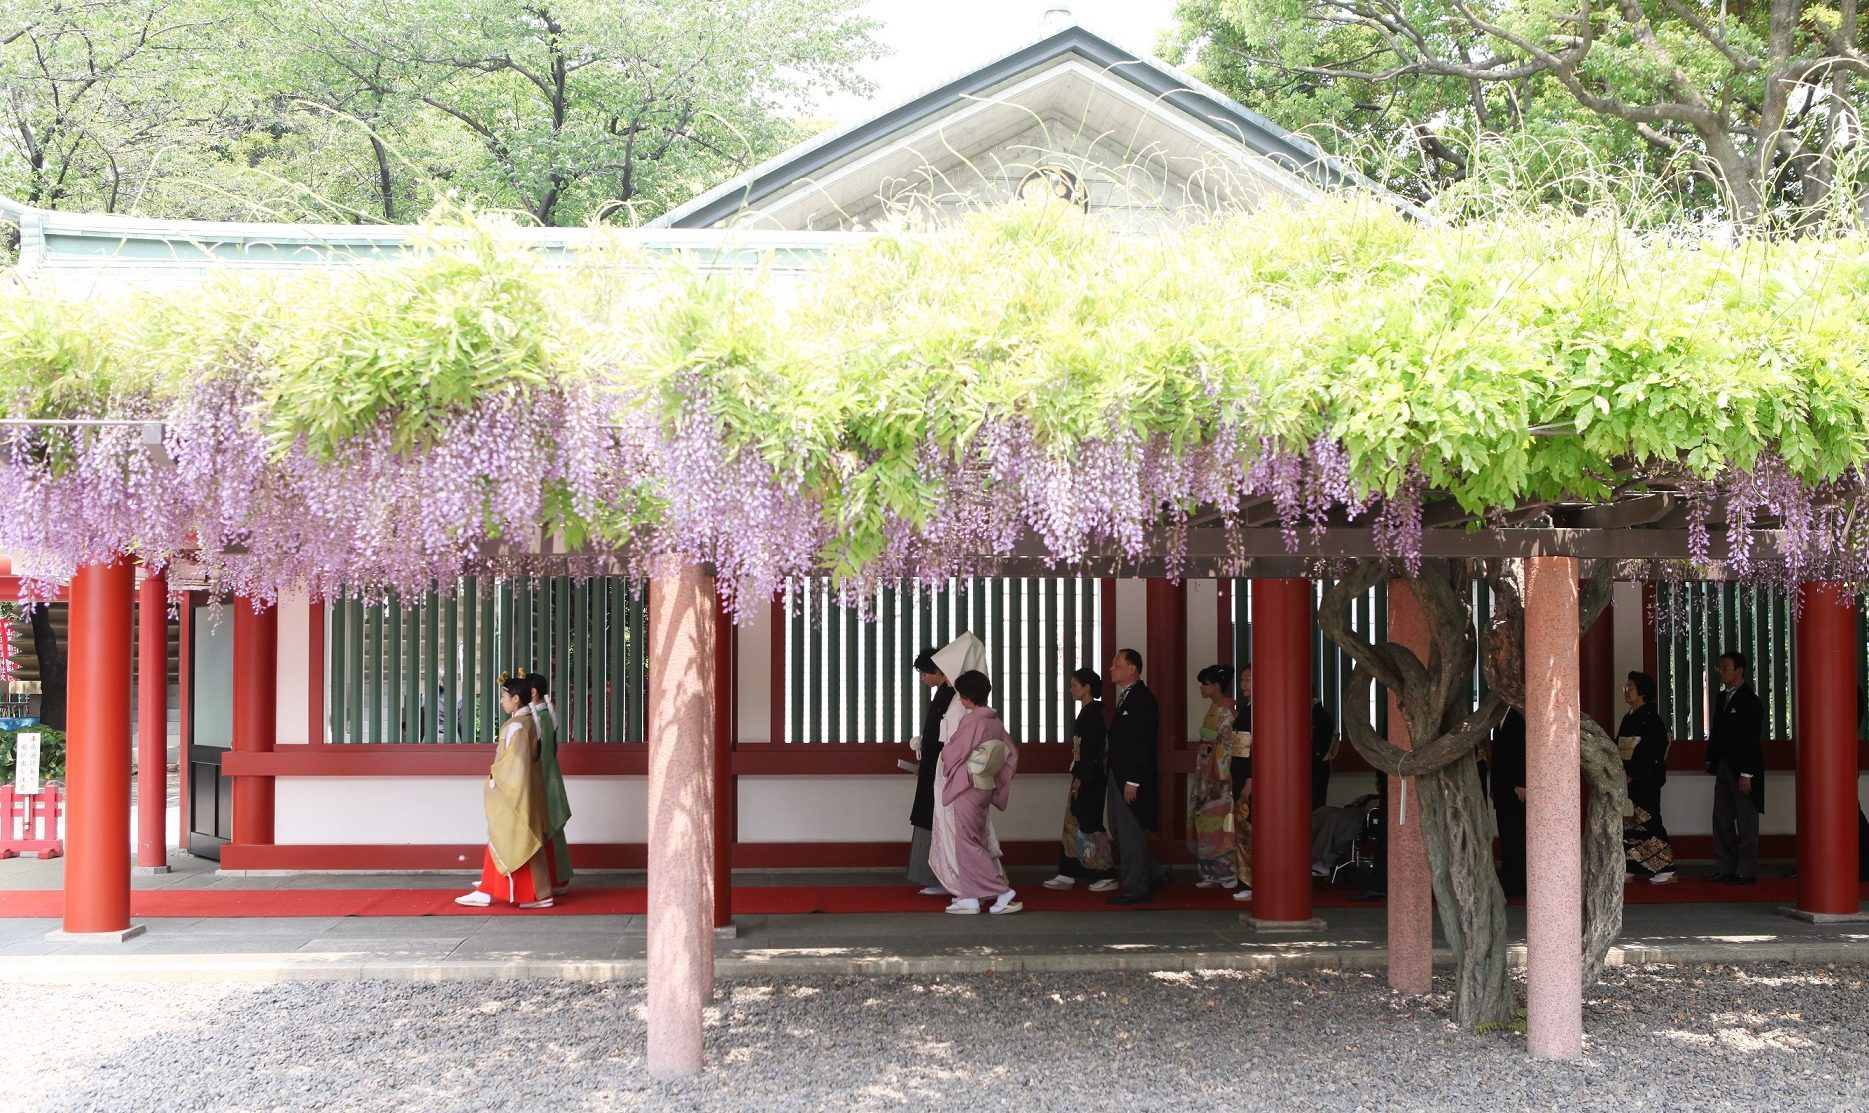 日枝神社での挙式案内 | 神社結婚式プロデュース 京鐘